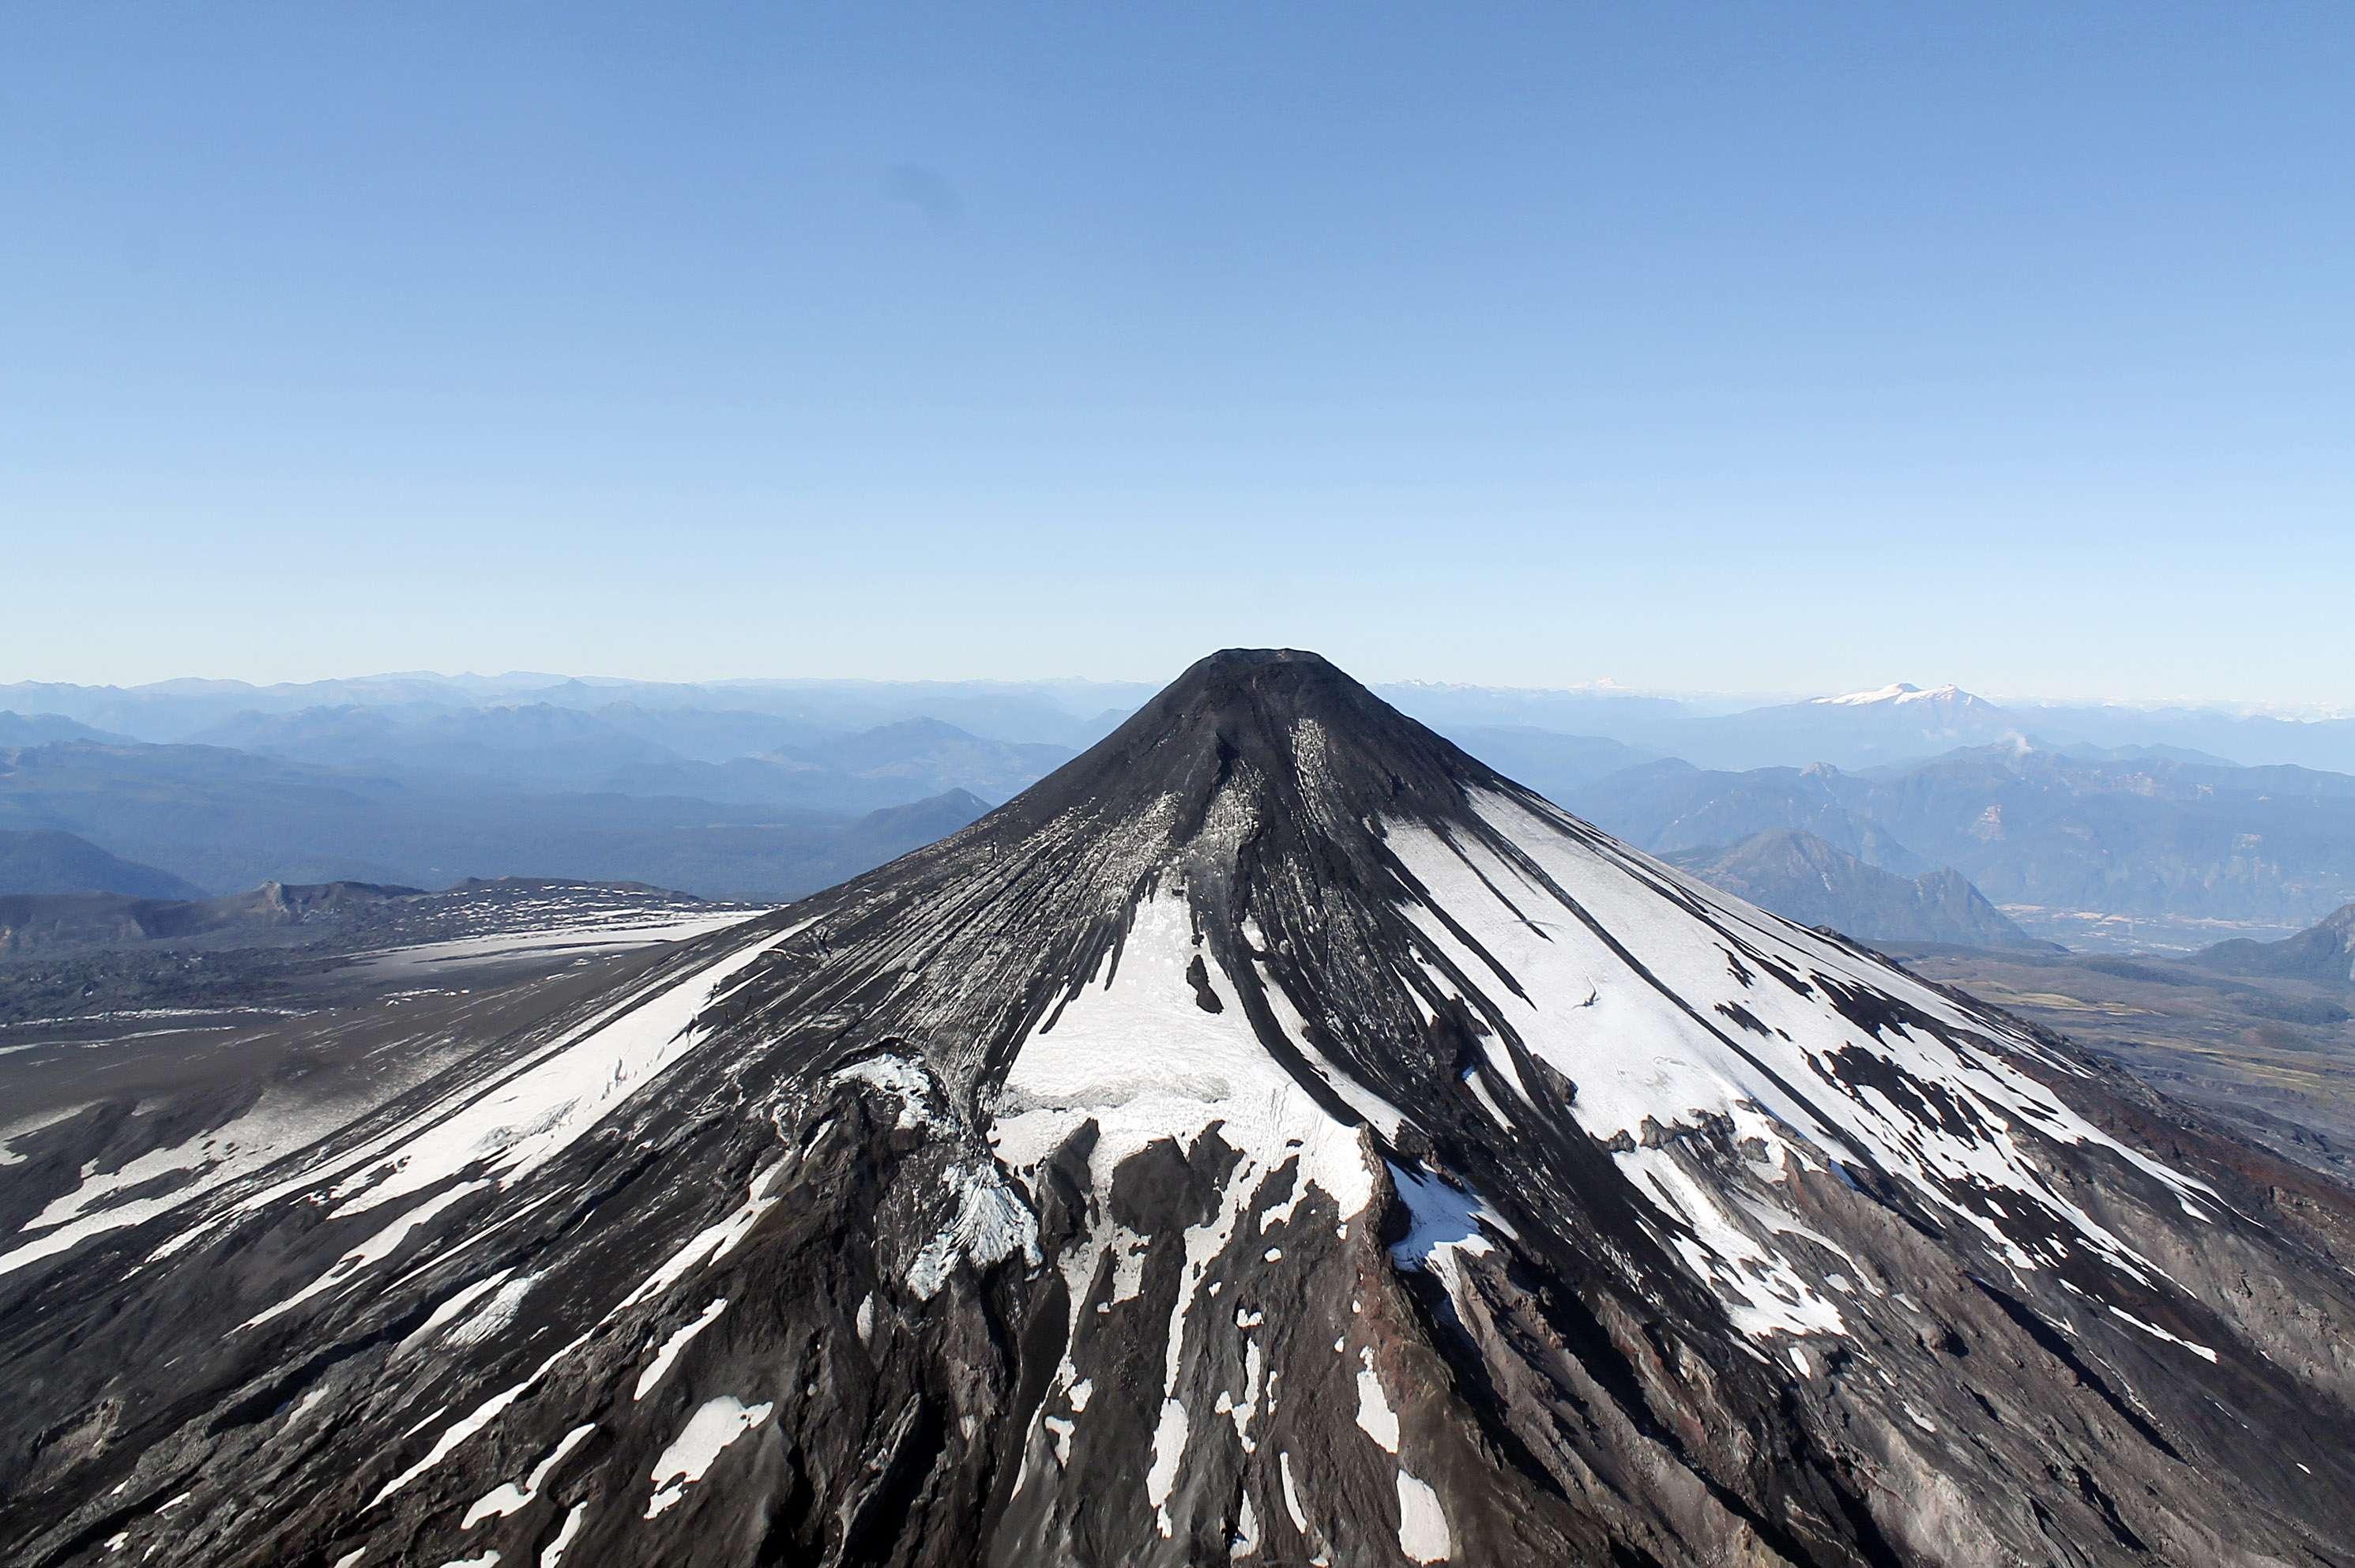 El Volcán Villarrica desde un sobrevuelo, el 3 de marzo de 2015, tras hacer erupción durante esta madrugada lo que elevó la alerta a roja en las zonas de Villarrica, Curarrehue, Panguipulli y Pucón son las zonas que se encuentran en Alerta Roja. Foto: Agencia UNO